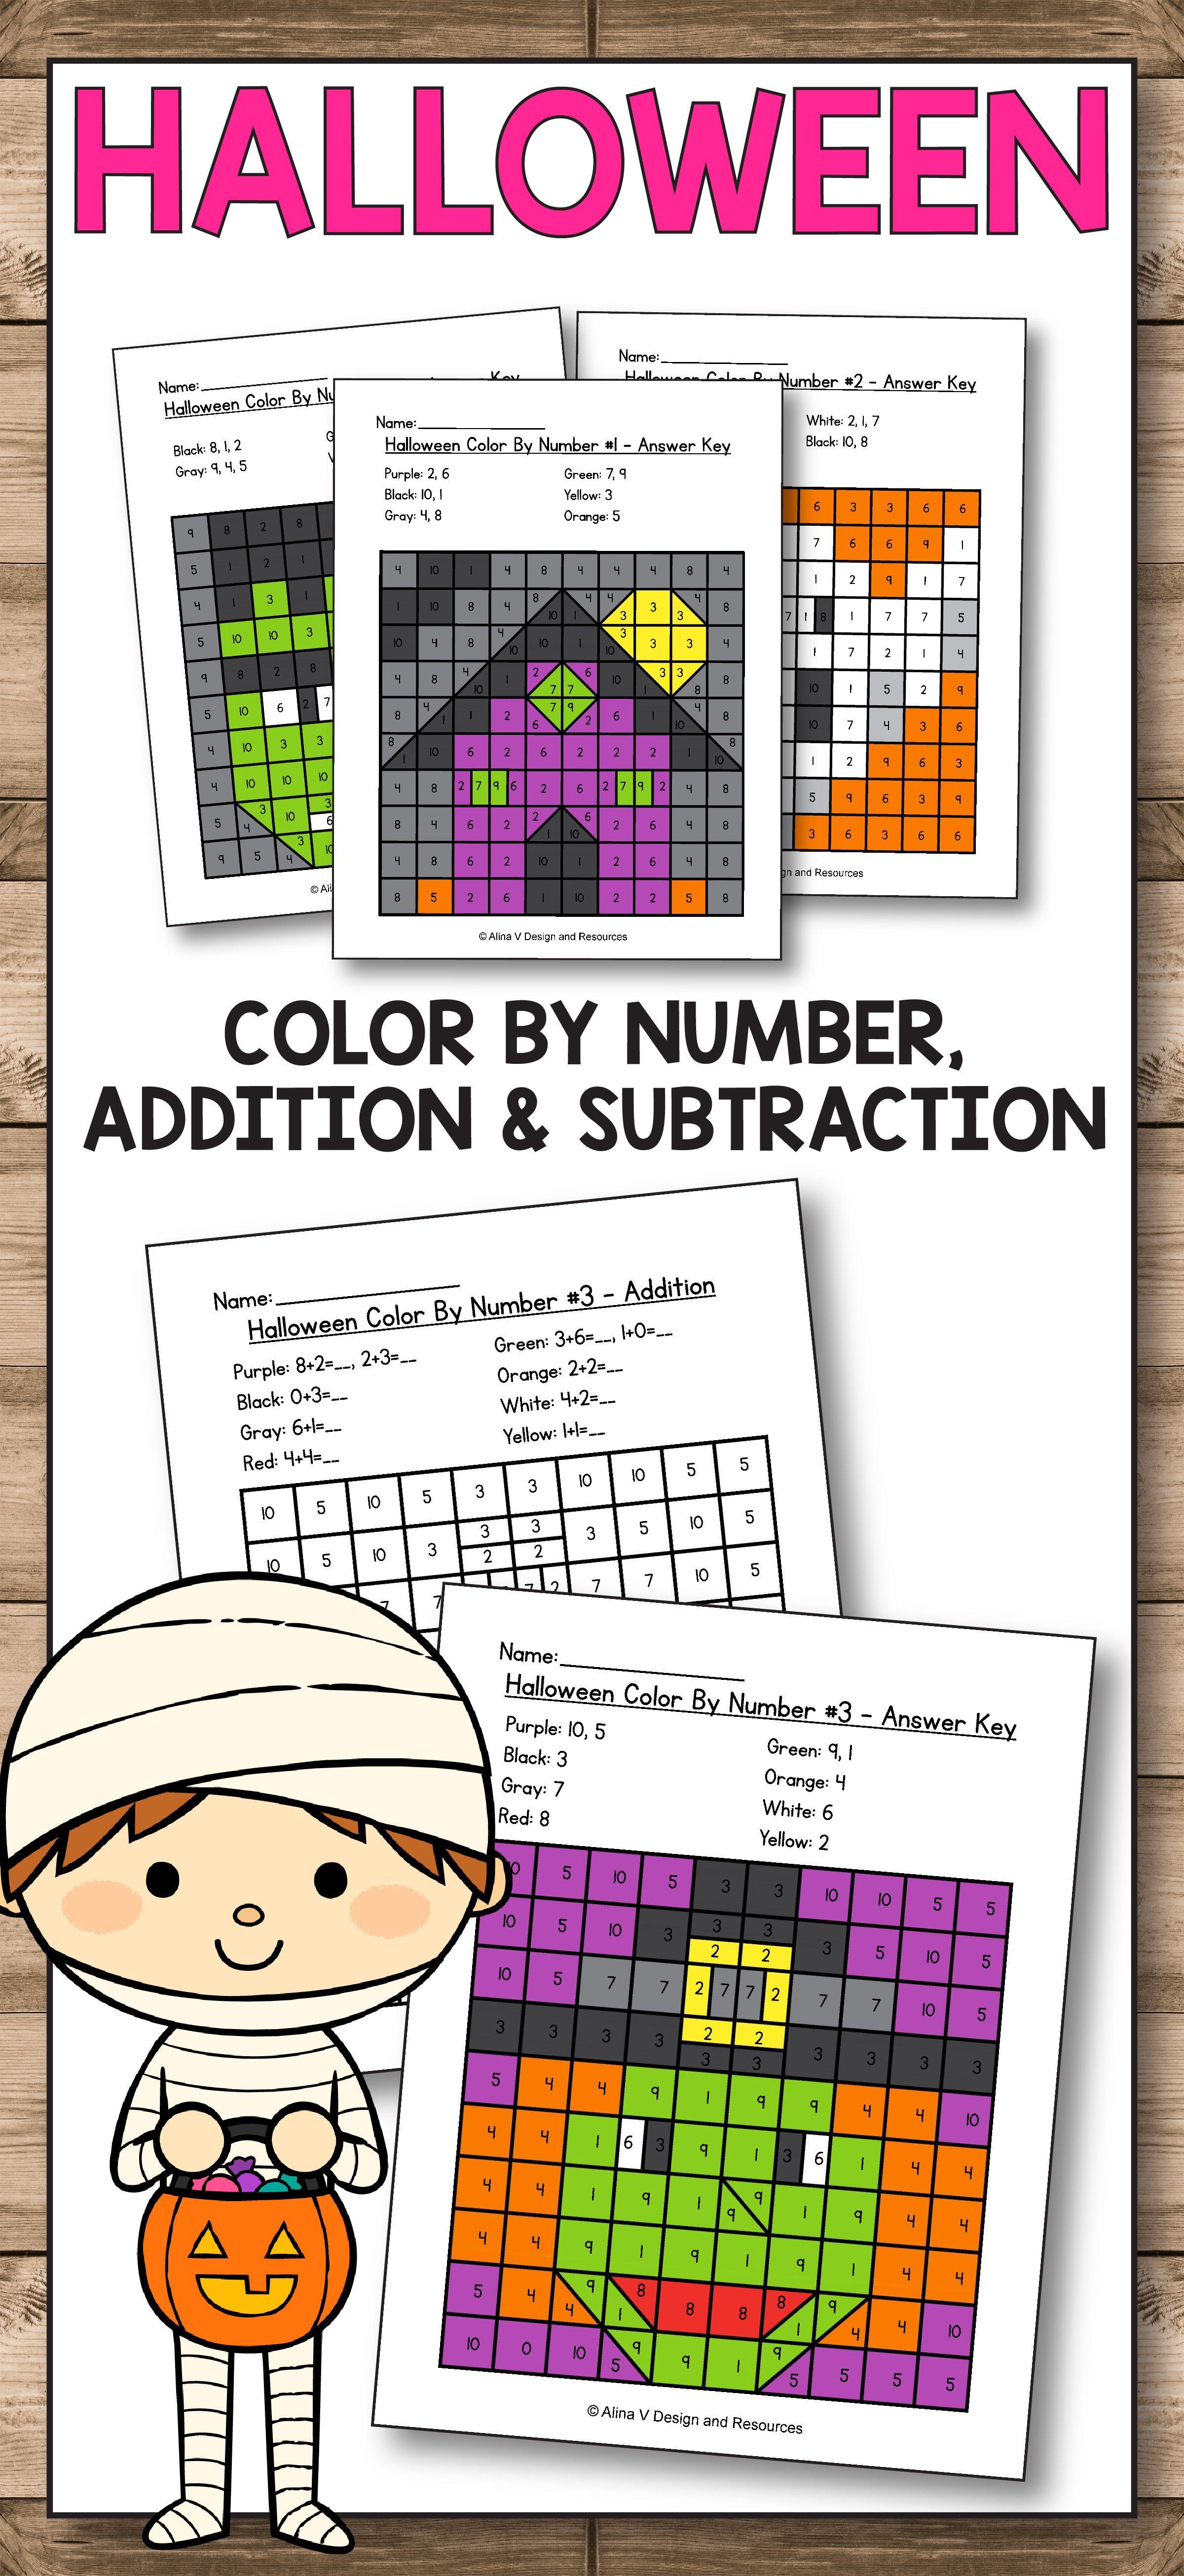 Halloween Activities For Preschool Kindergarten And First Grade Kids Your Students Will Have So Halloween Math Worksheets Halloween Math Halloween Activities [ 5223 x 2400 Pixel ]